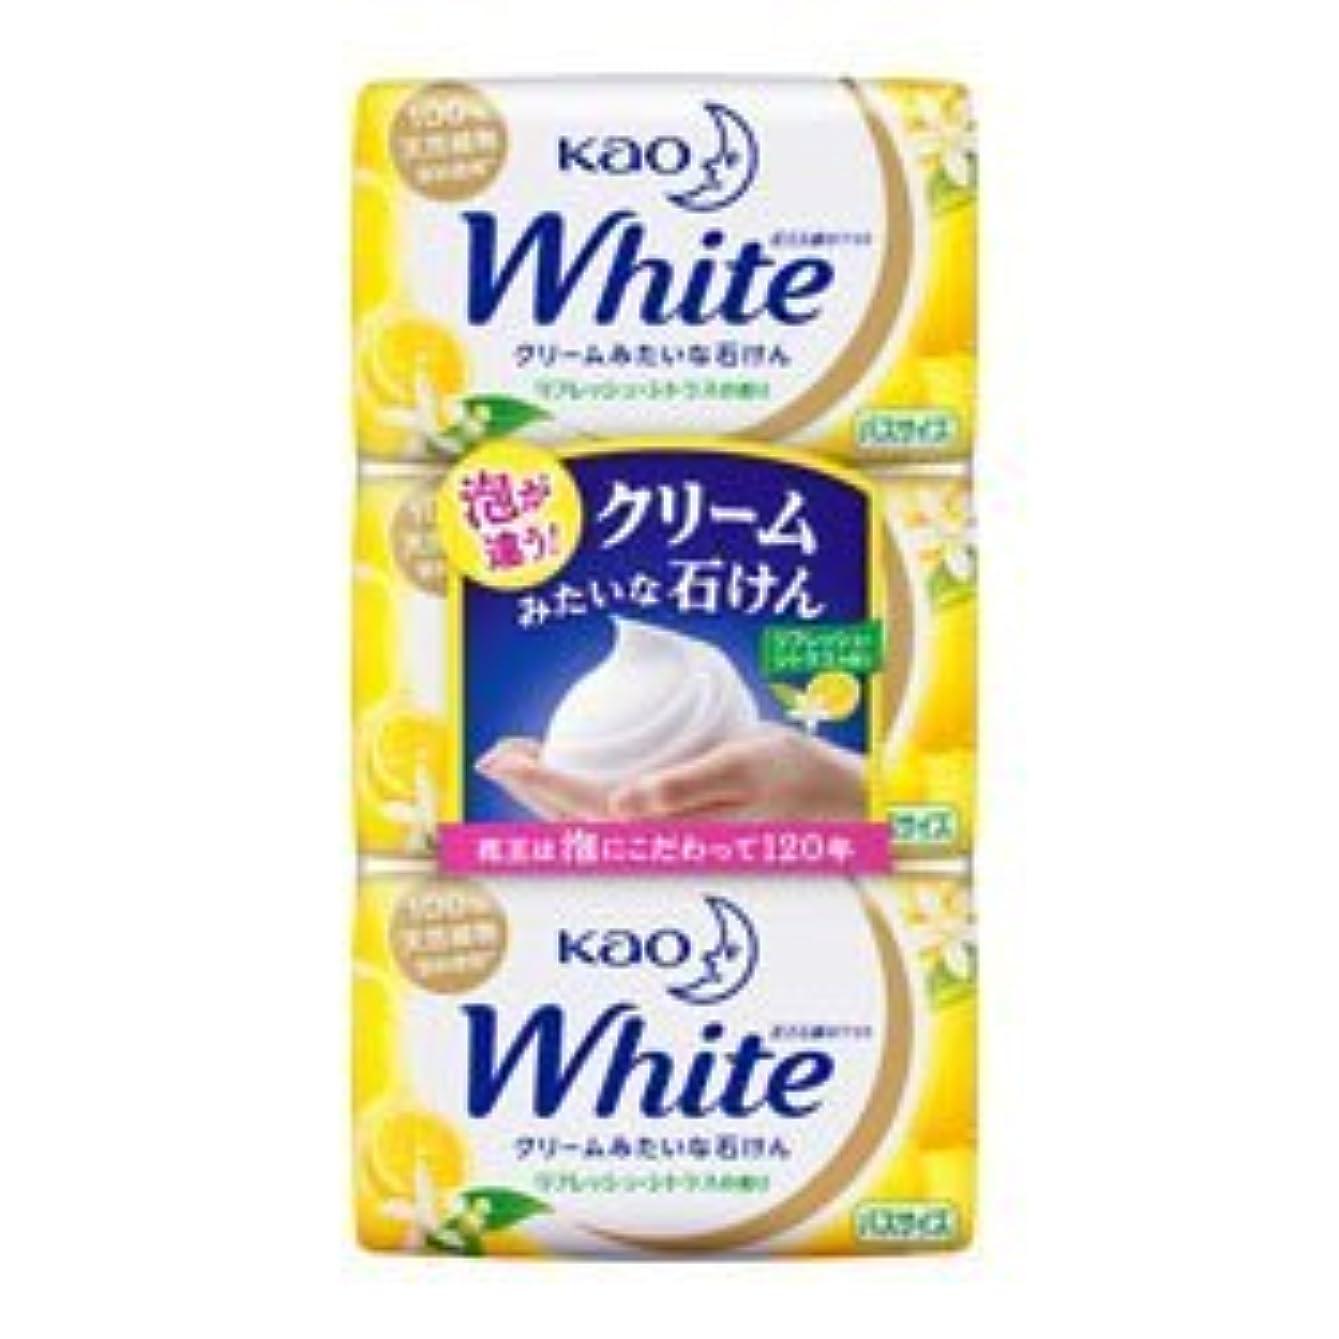 推進力とんでもない悔い改め【花王】ホワイト リフレッシュ?シトラスの香り バスサイズ 130g×3個入 ×3個セット